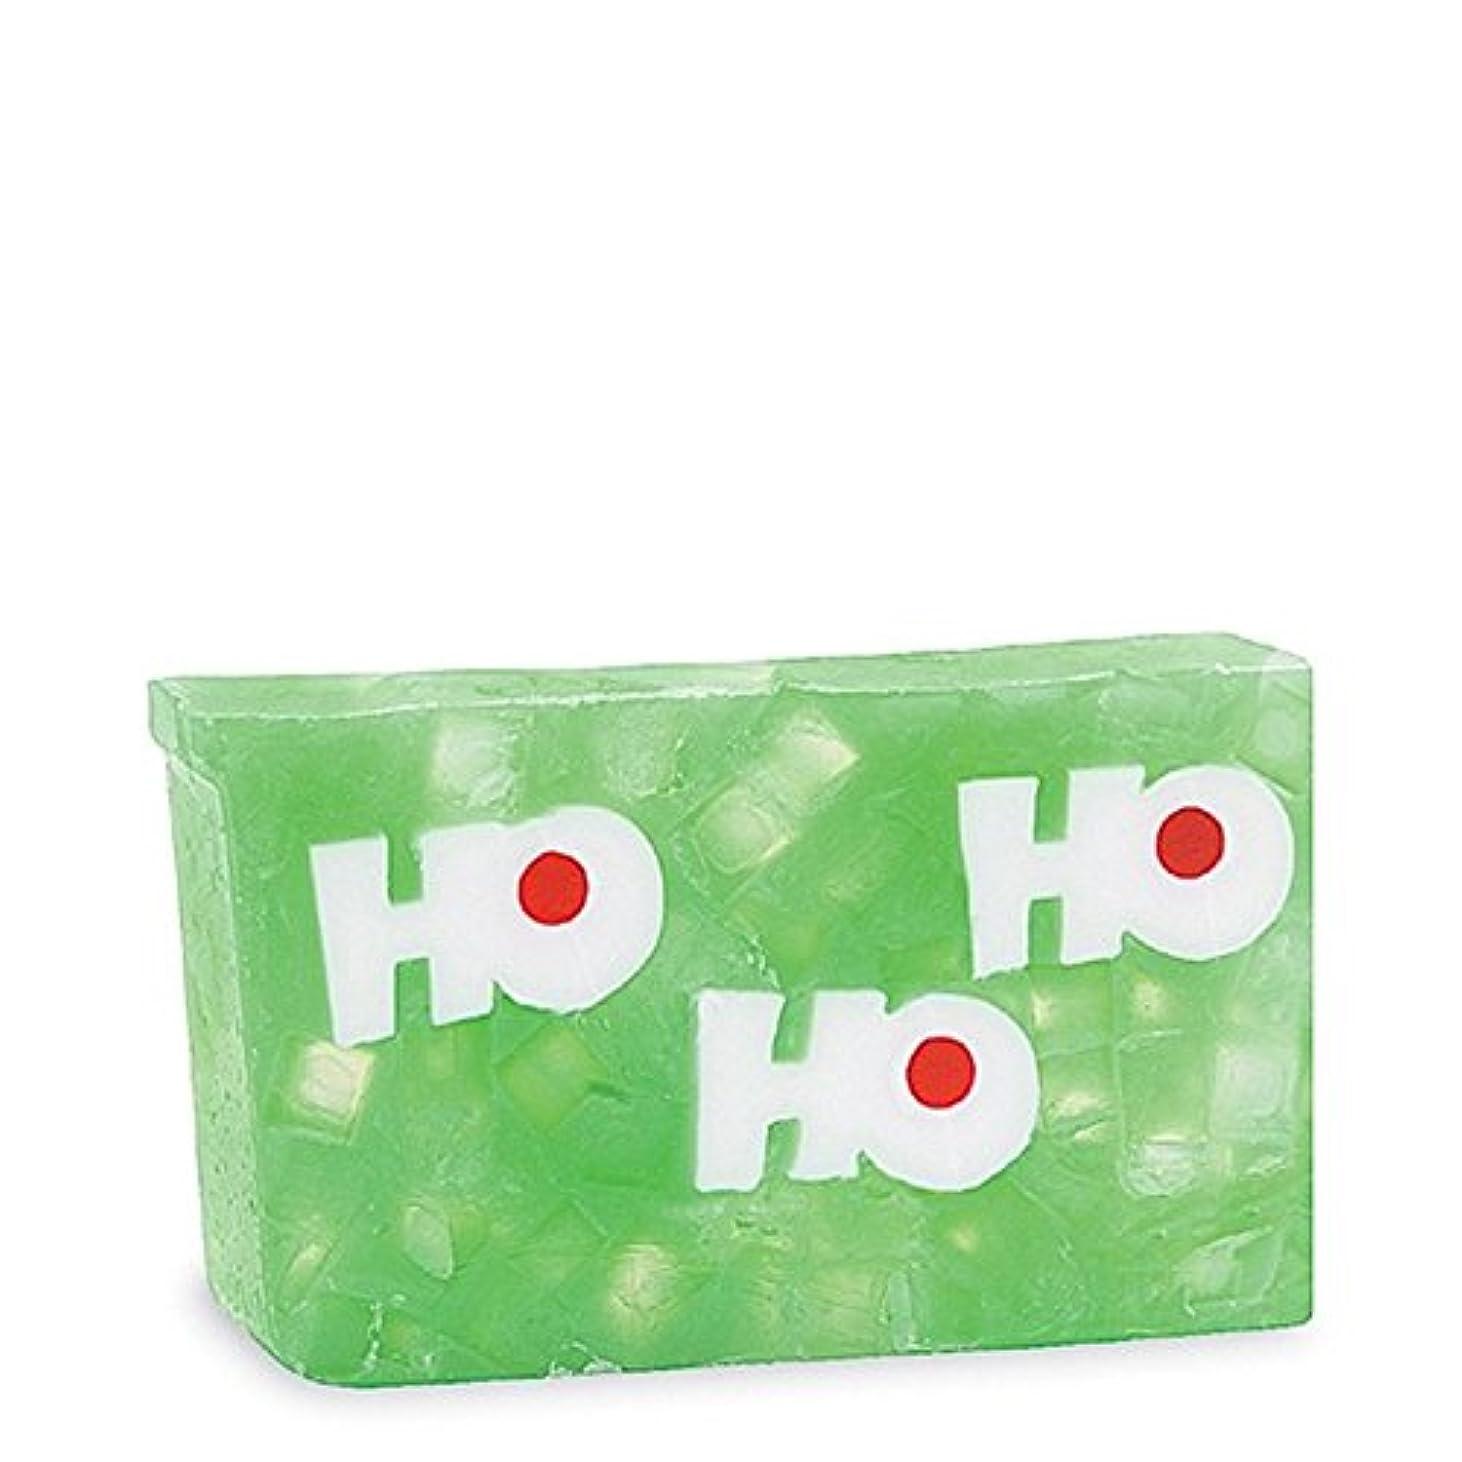 カルシウムライバル居眠りする原初の要素ホーホーホ石鹸 x2 - Primal Elements Ho Ho Ho Soap (Pack of 2) [並行輸入品]